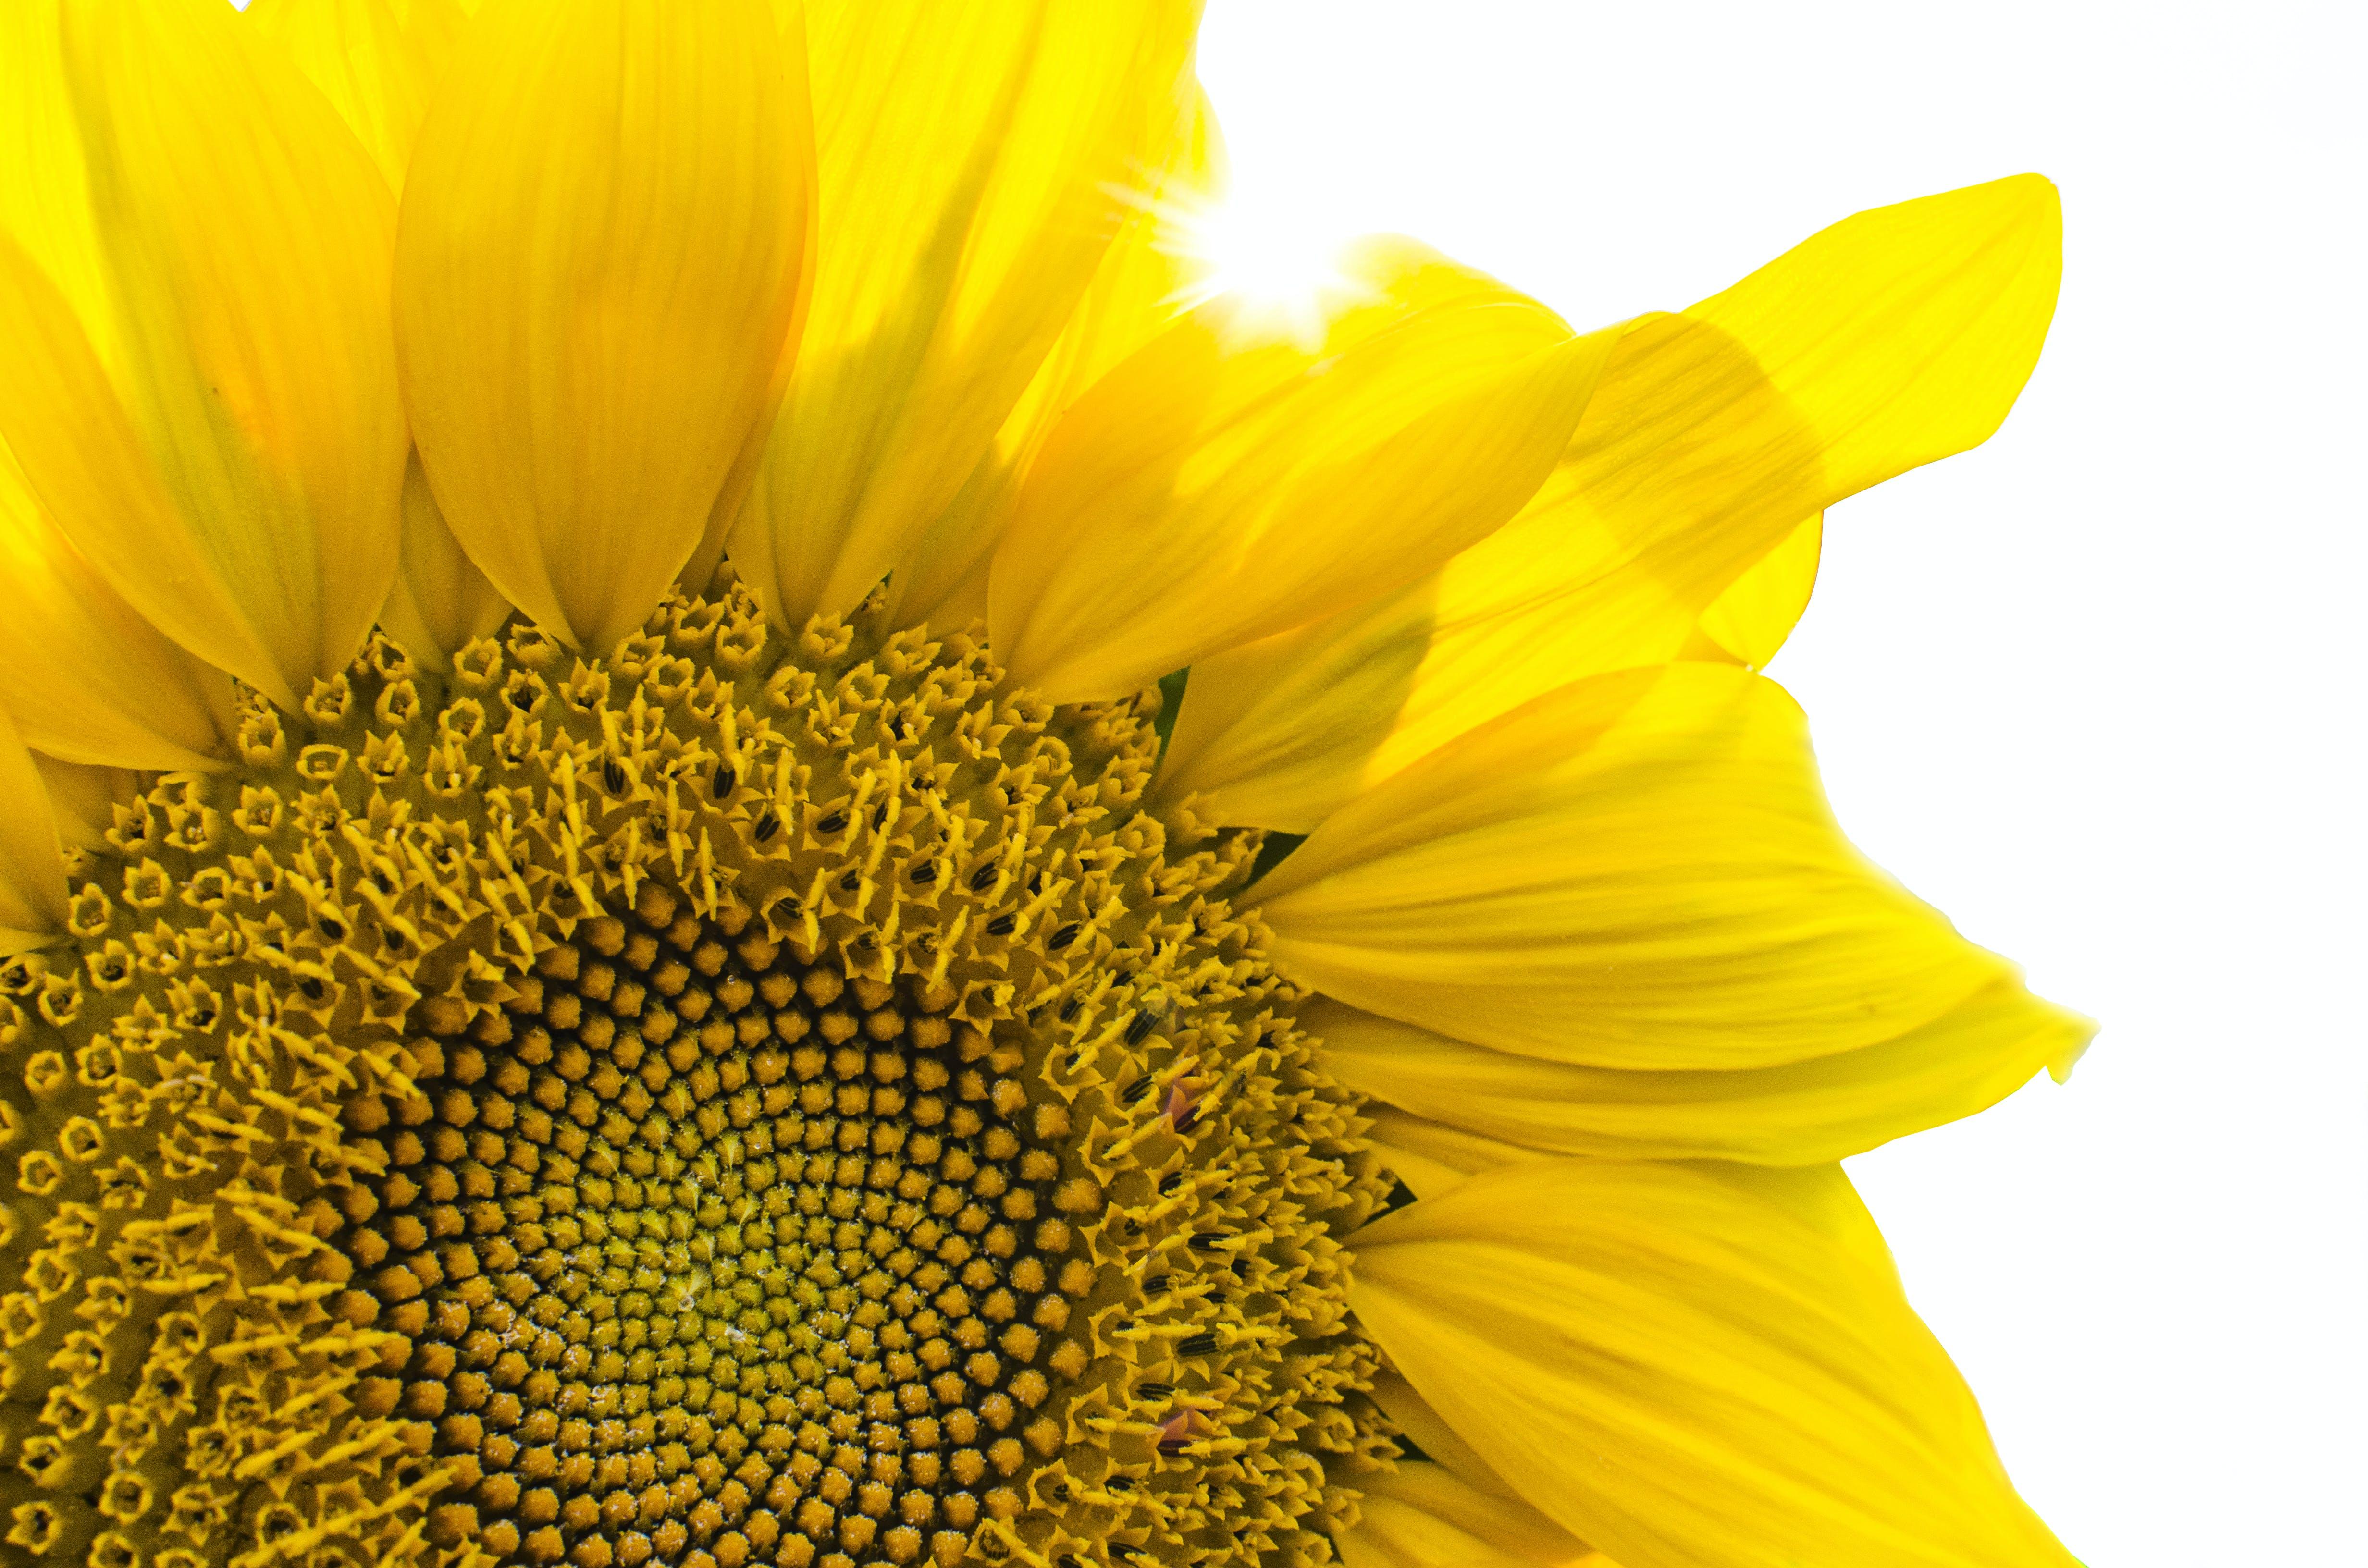 Gratis lagerfoto af blomst, blomstrende, Botanisk, dekorativ